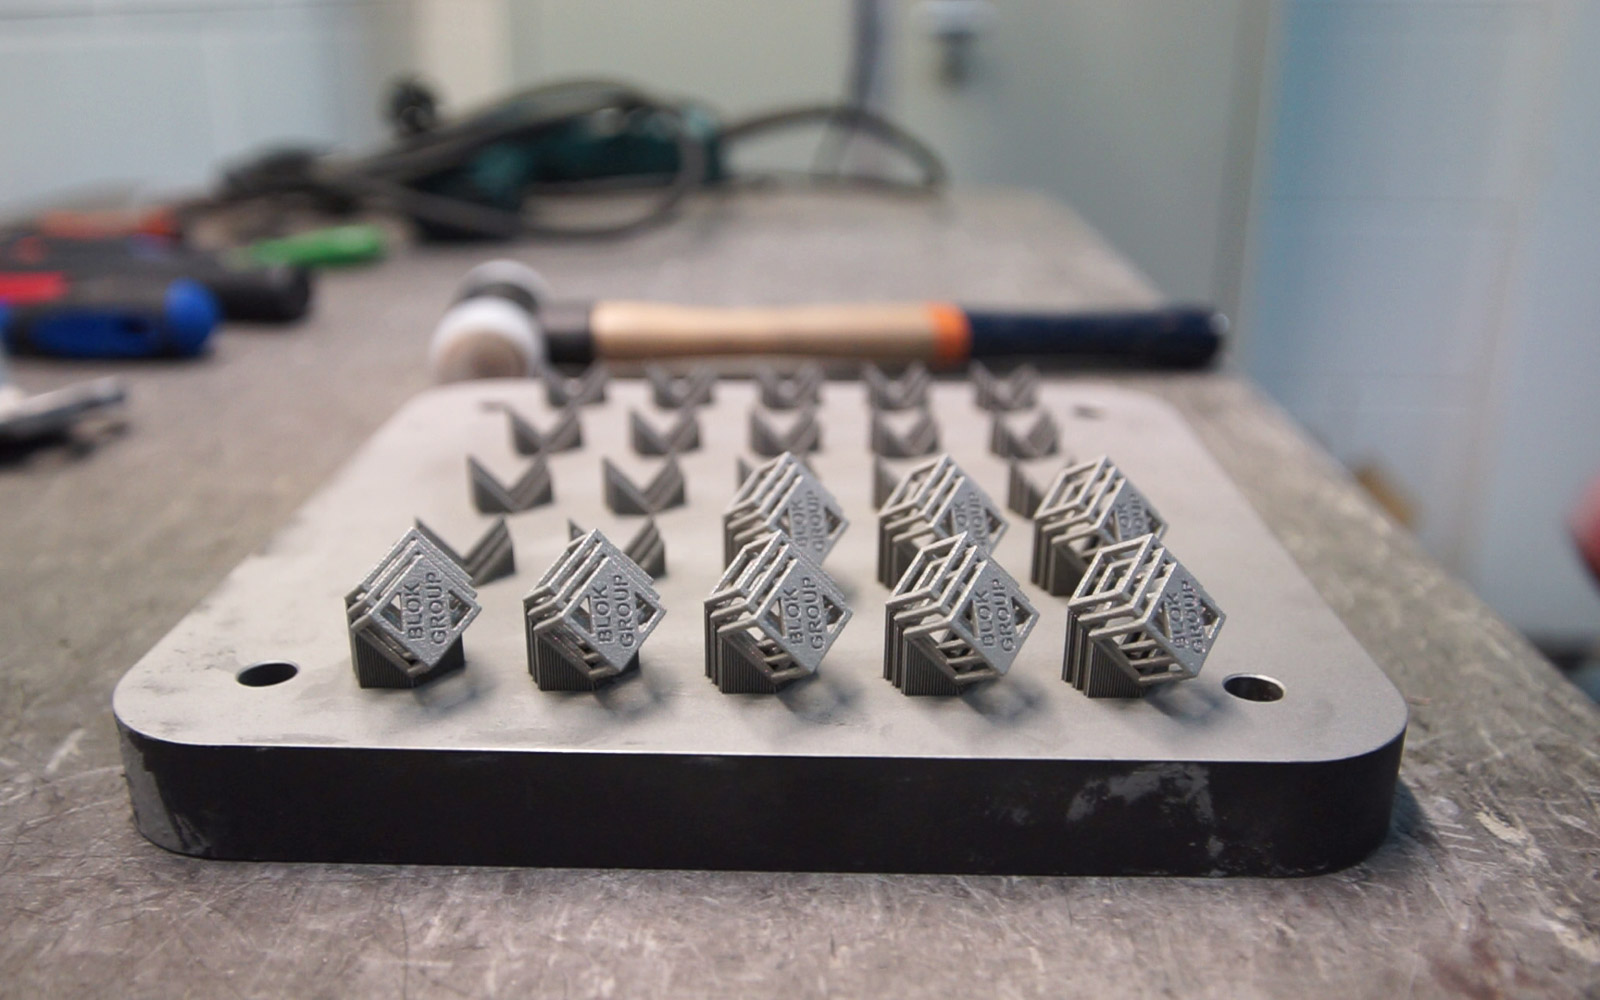 پرینت های فلز متصل به سینی ساخت به همراه سازه ساپورت